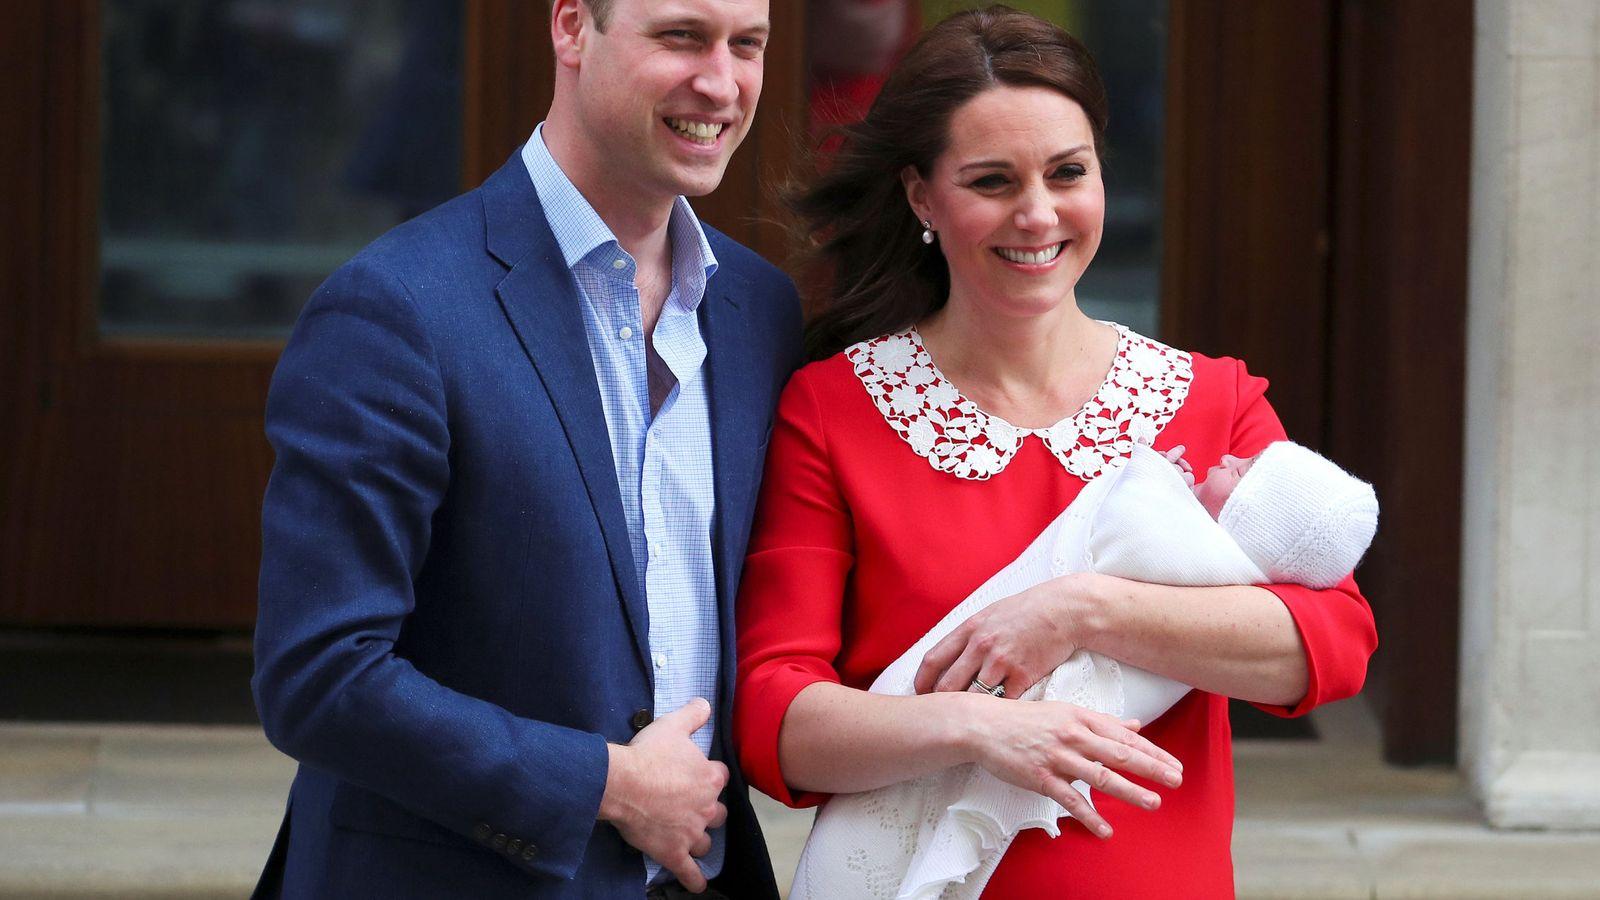 Familia Real Británica El Príncipe Guillermo Y Kate Middleton Abandonan El Hospital Con Su Nuevo Hijo